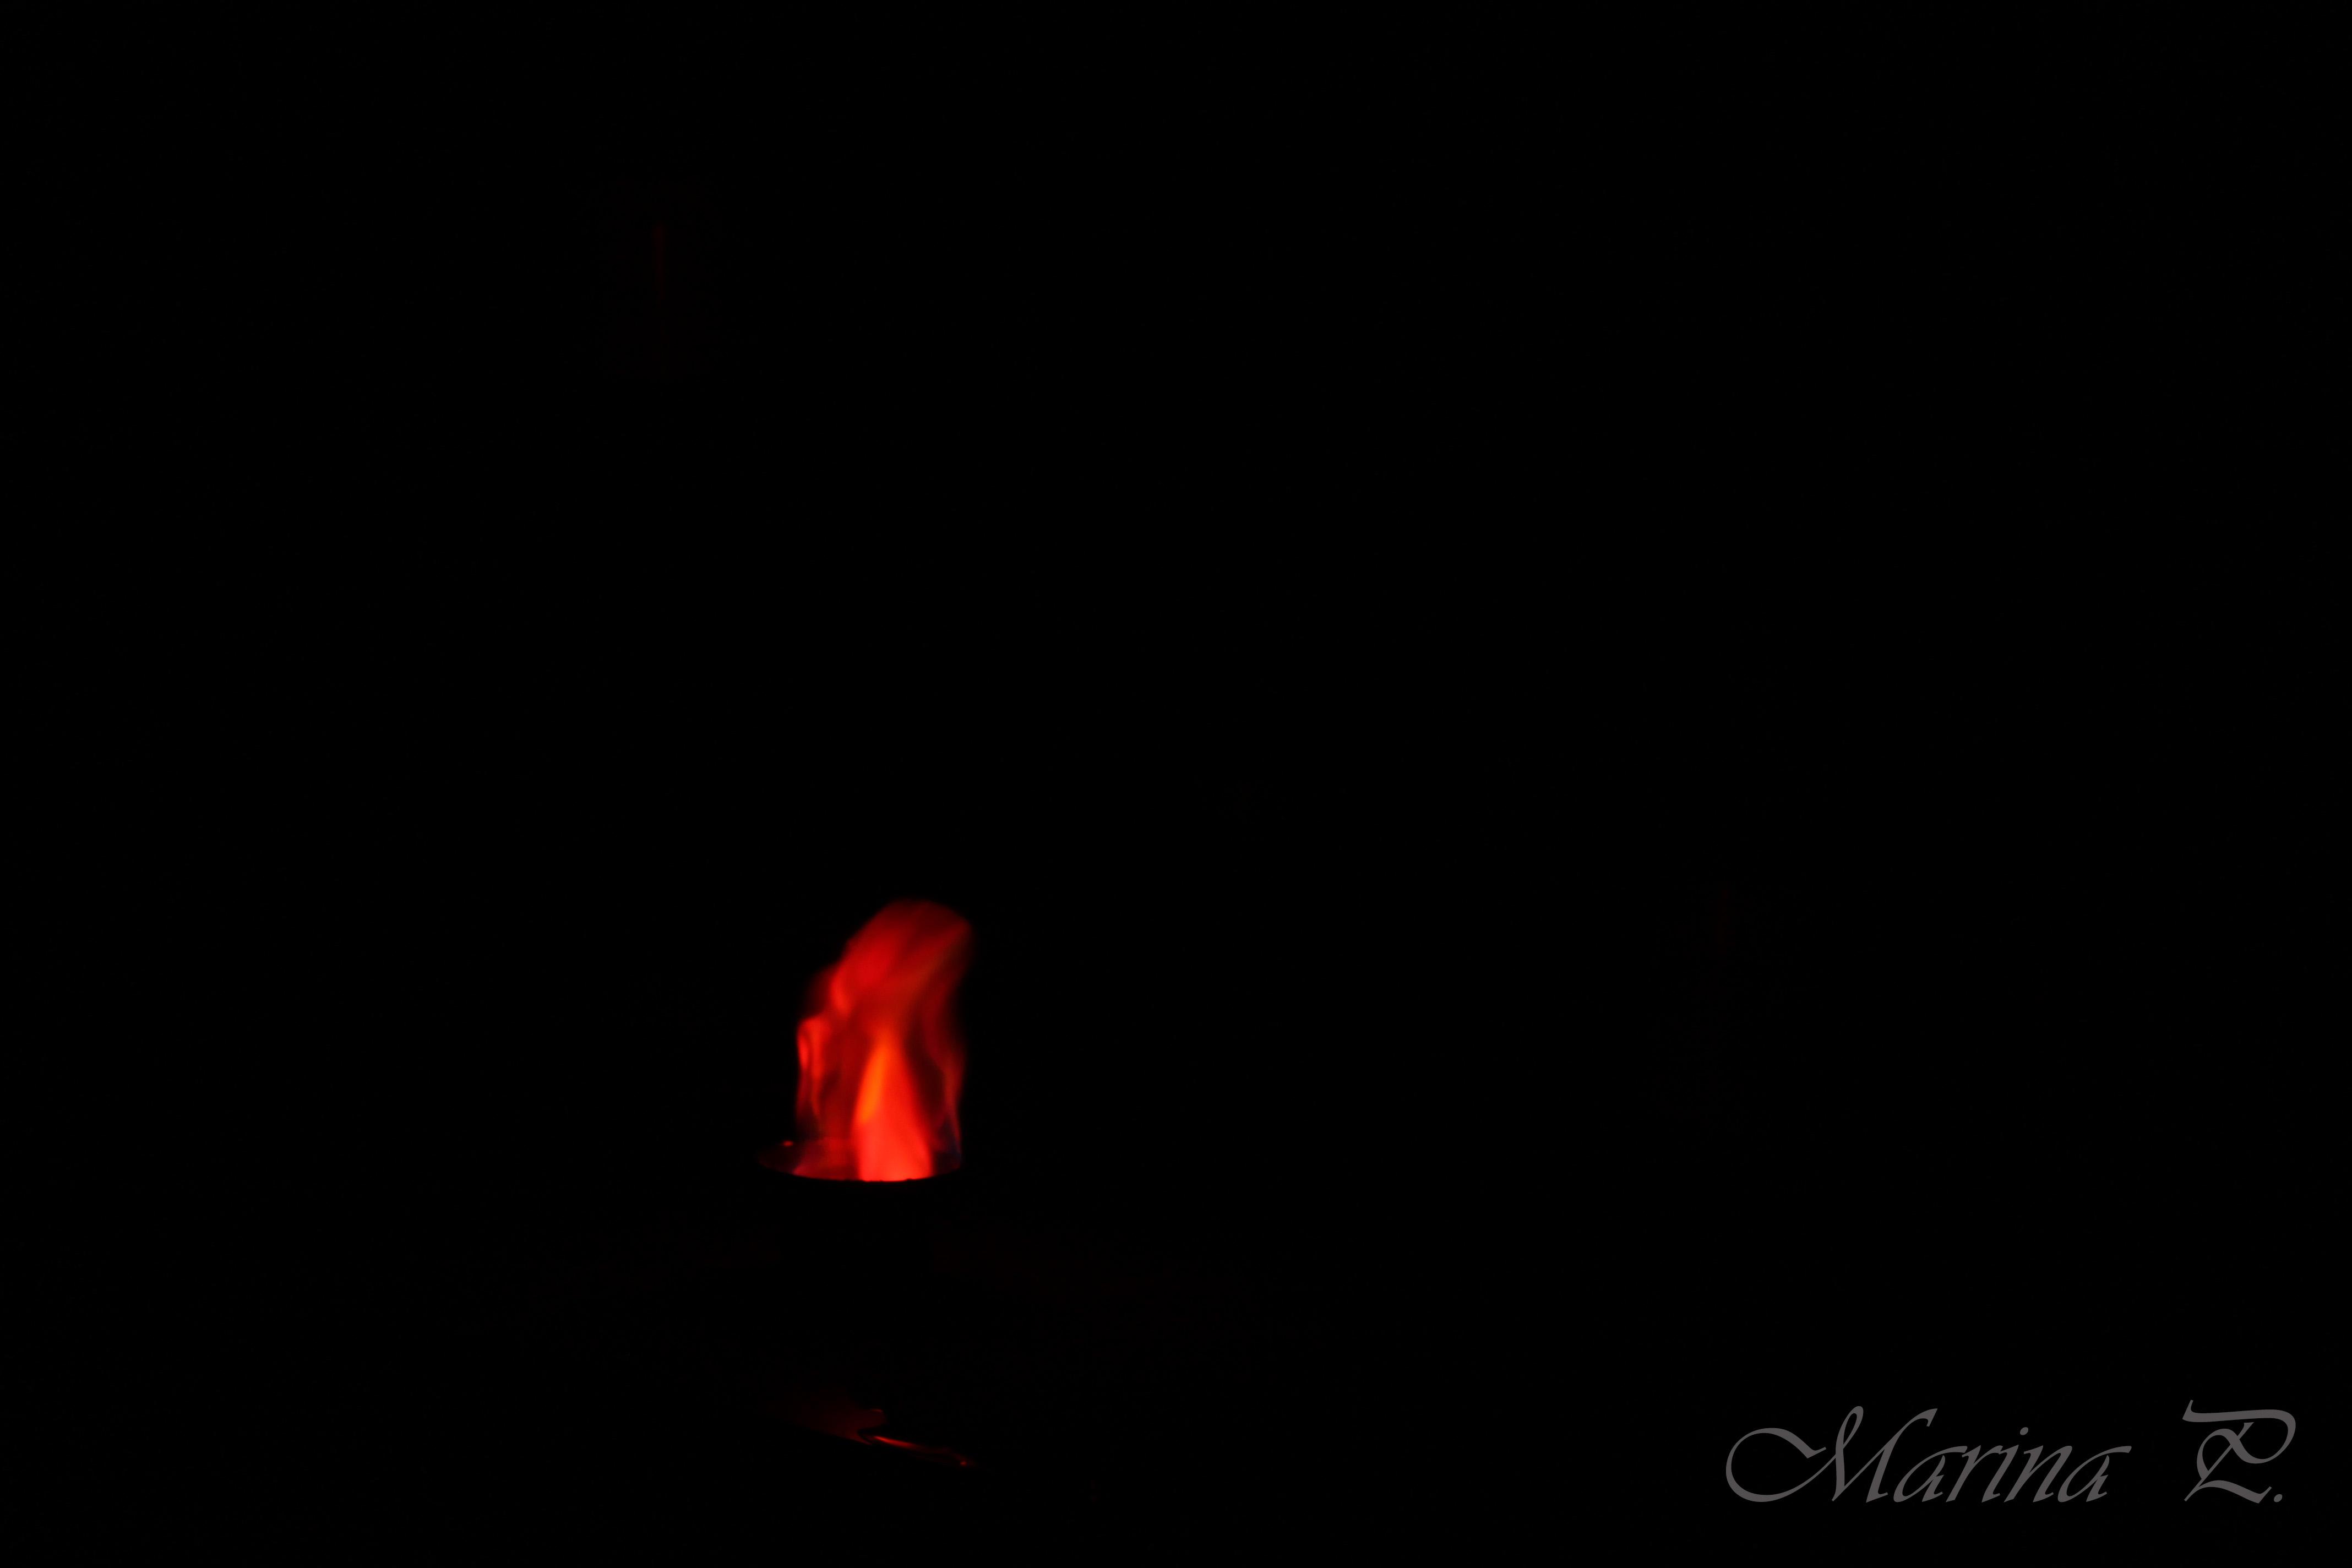 Fuego rosado-rojo